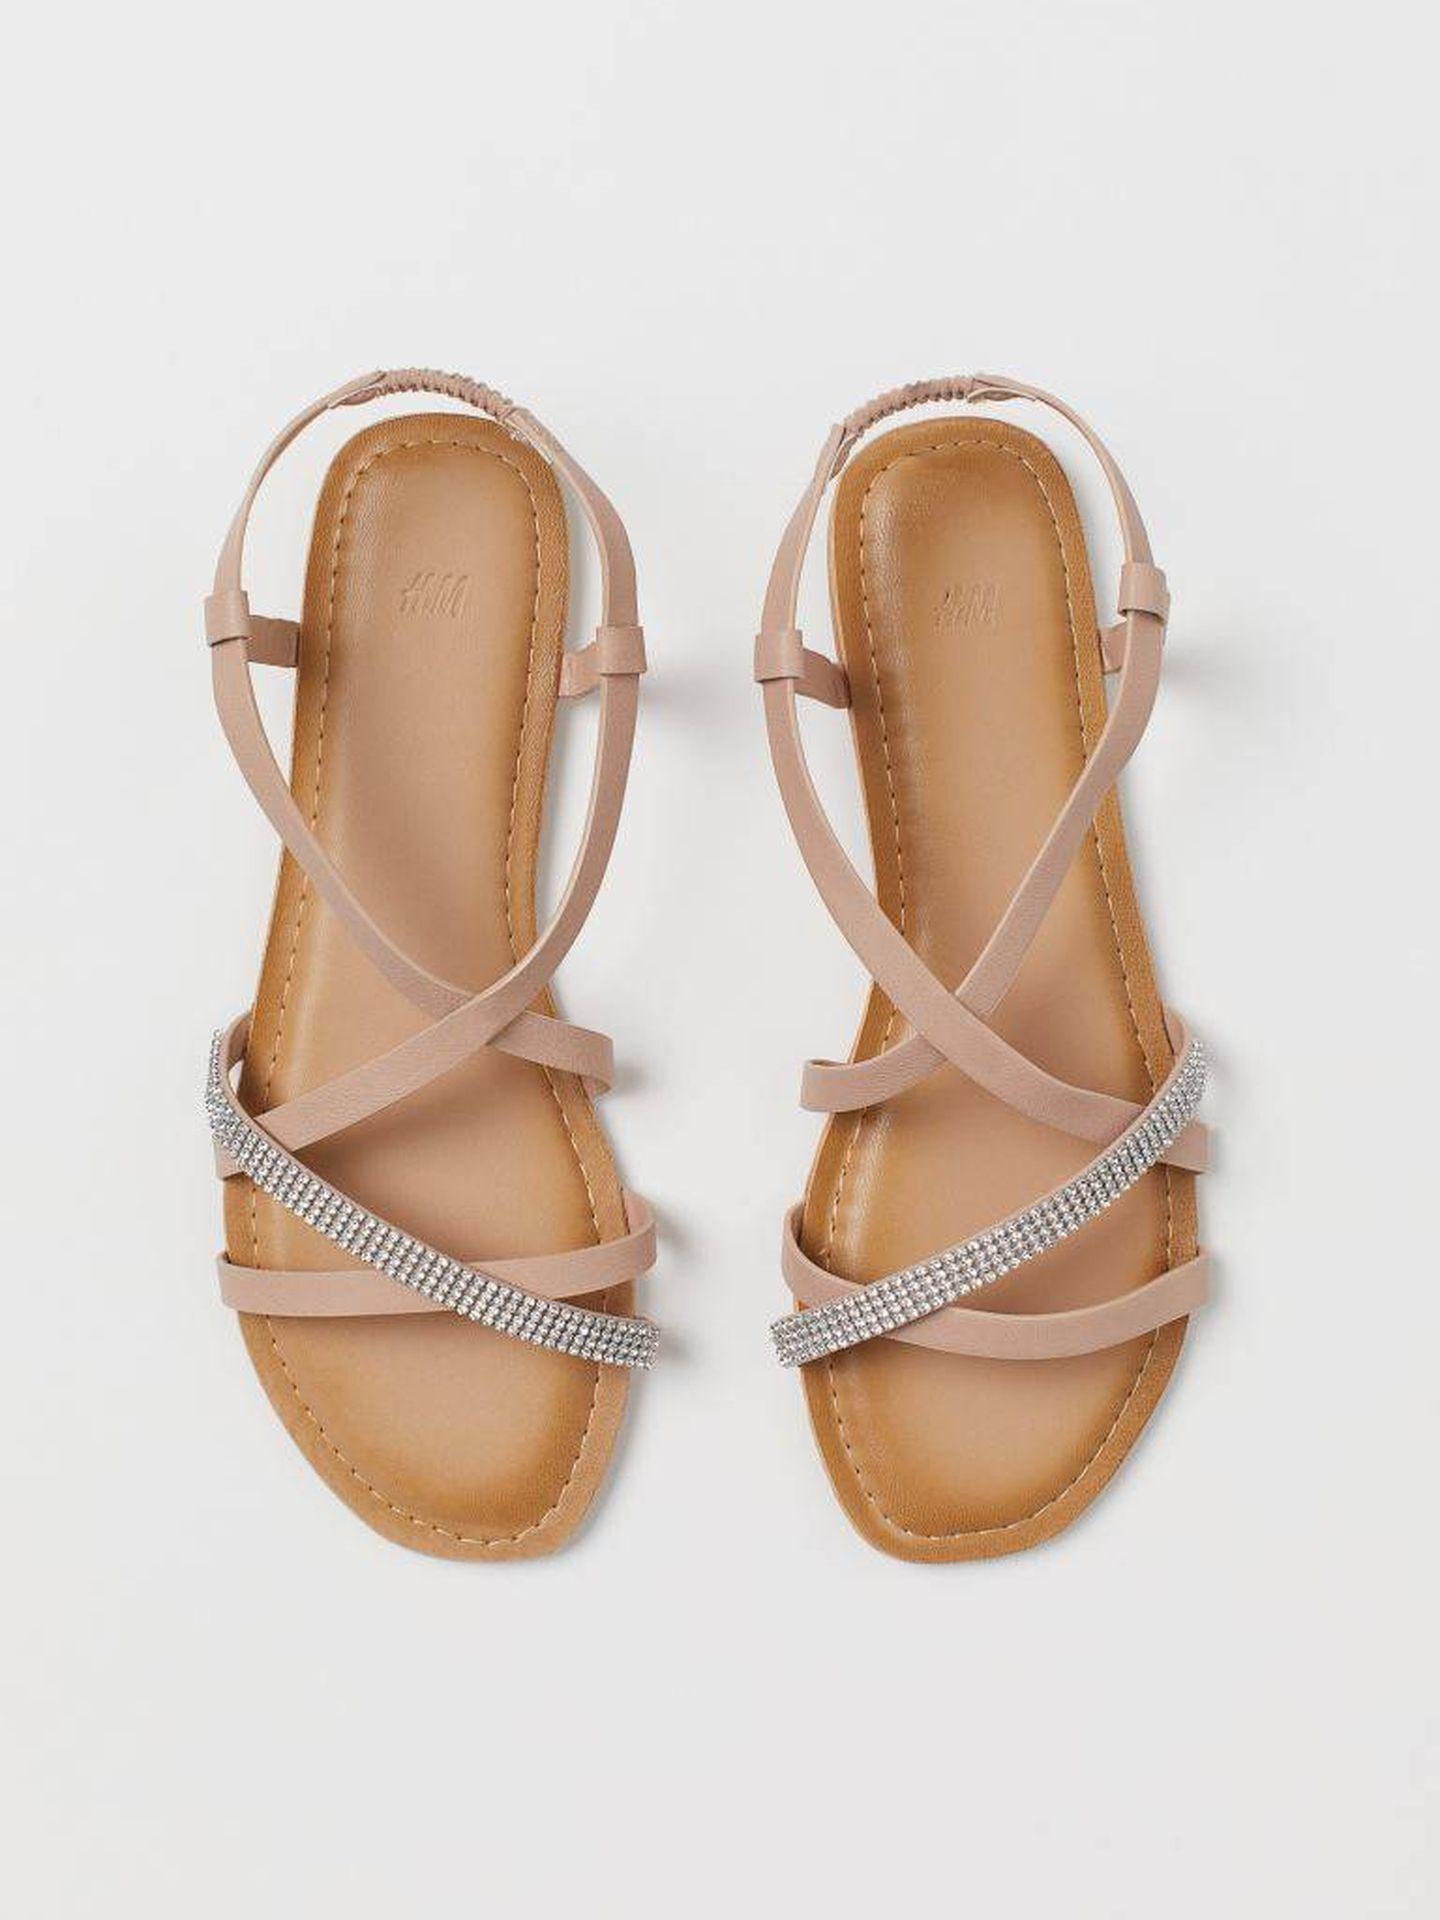 Las sandalias joya de HyM. (Cortesía)